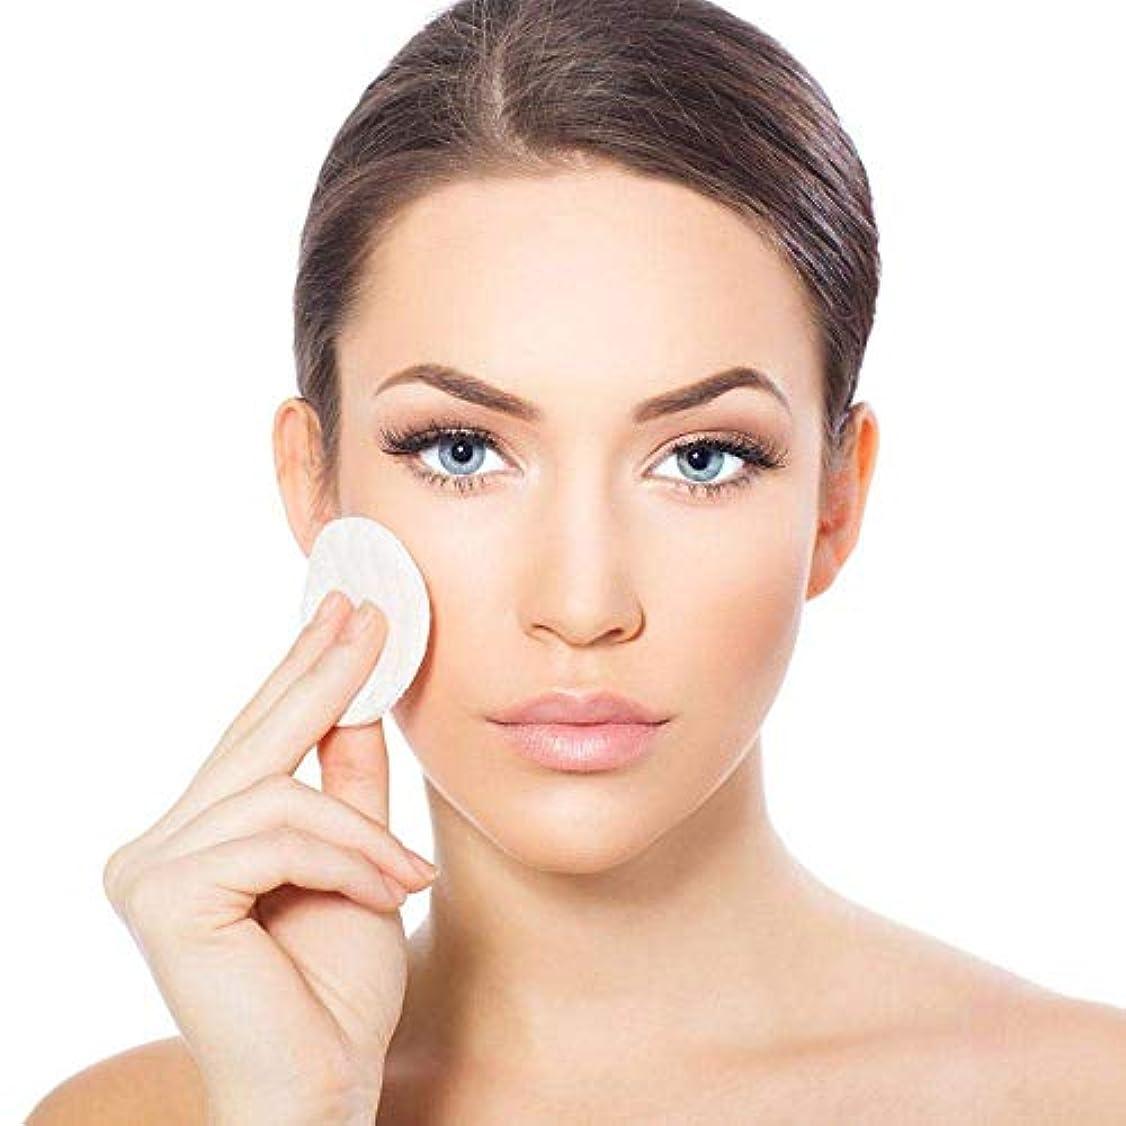 耐える常習的貧しいユニセックス 洗面再利用可能 3層化粧品除去パッド顔清潔ワイプ 化粧落としコットン 肌に優しい 16セット